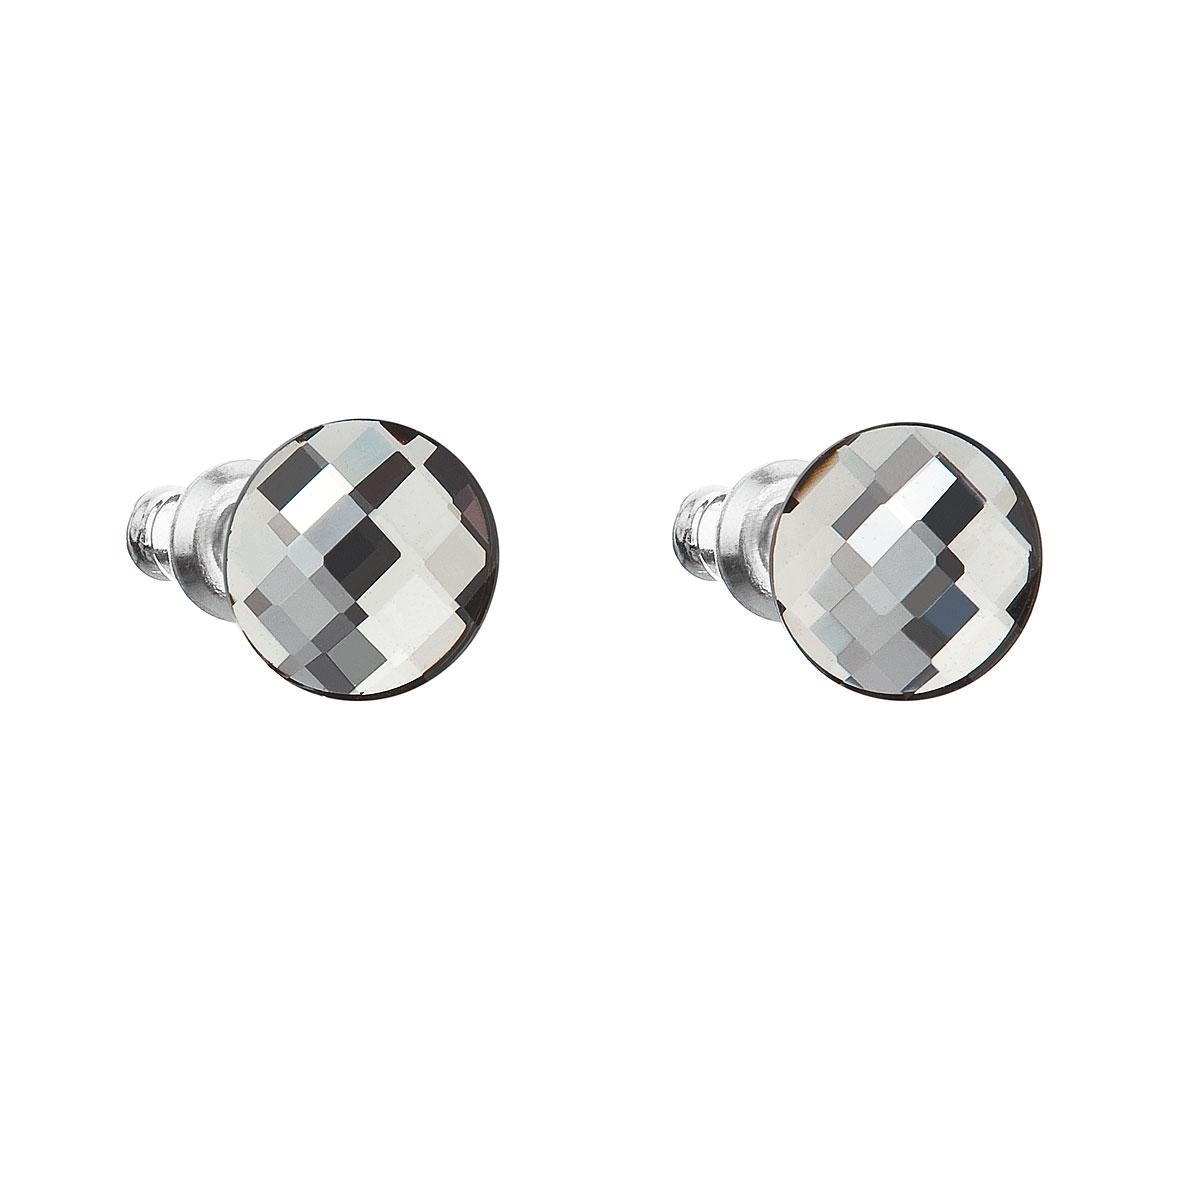 Náušnice bižutéria so Swarovski kryštálmi guľaté, Black Diamond